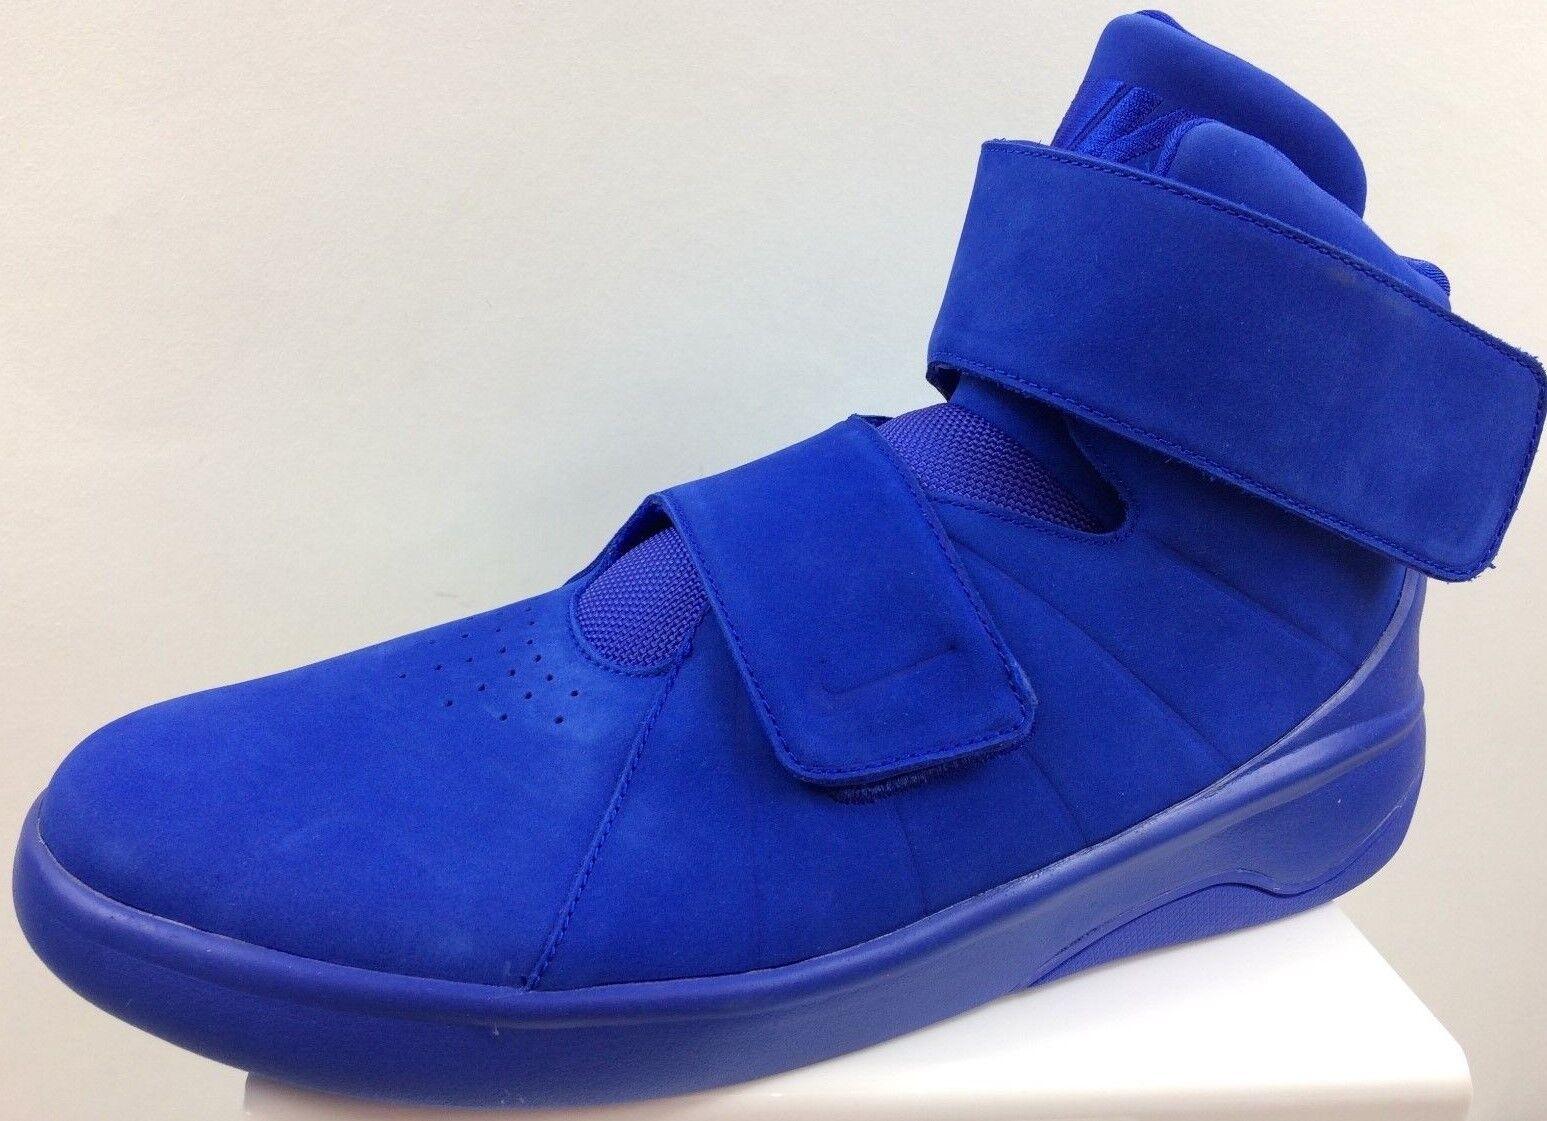 Nike Marxman nuevo Hi Top Entrenadores para hombres nuevo Marxman tamaño de Reino Unido 8.5 (M6) 9c5704